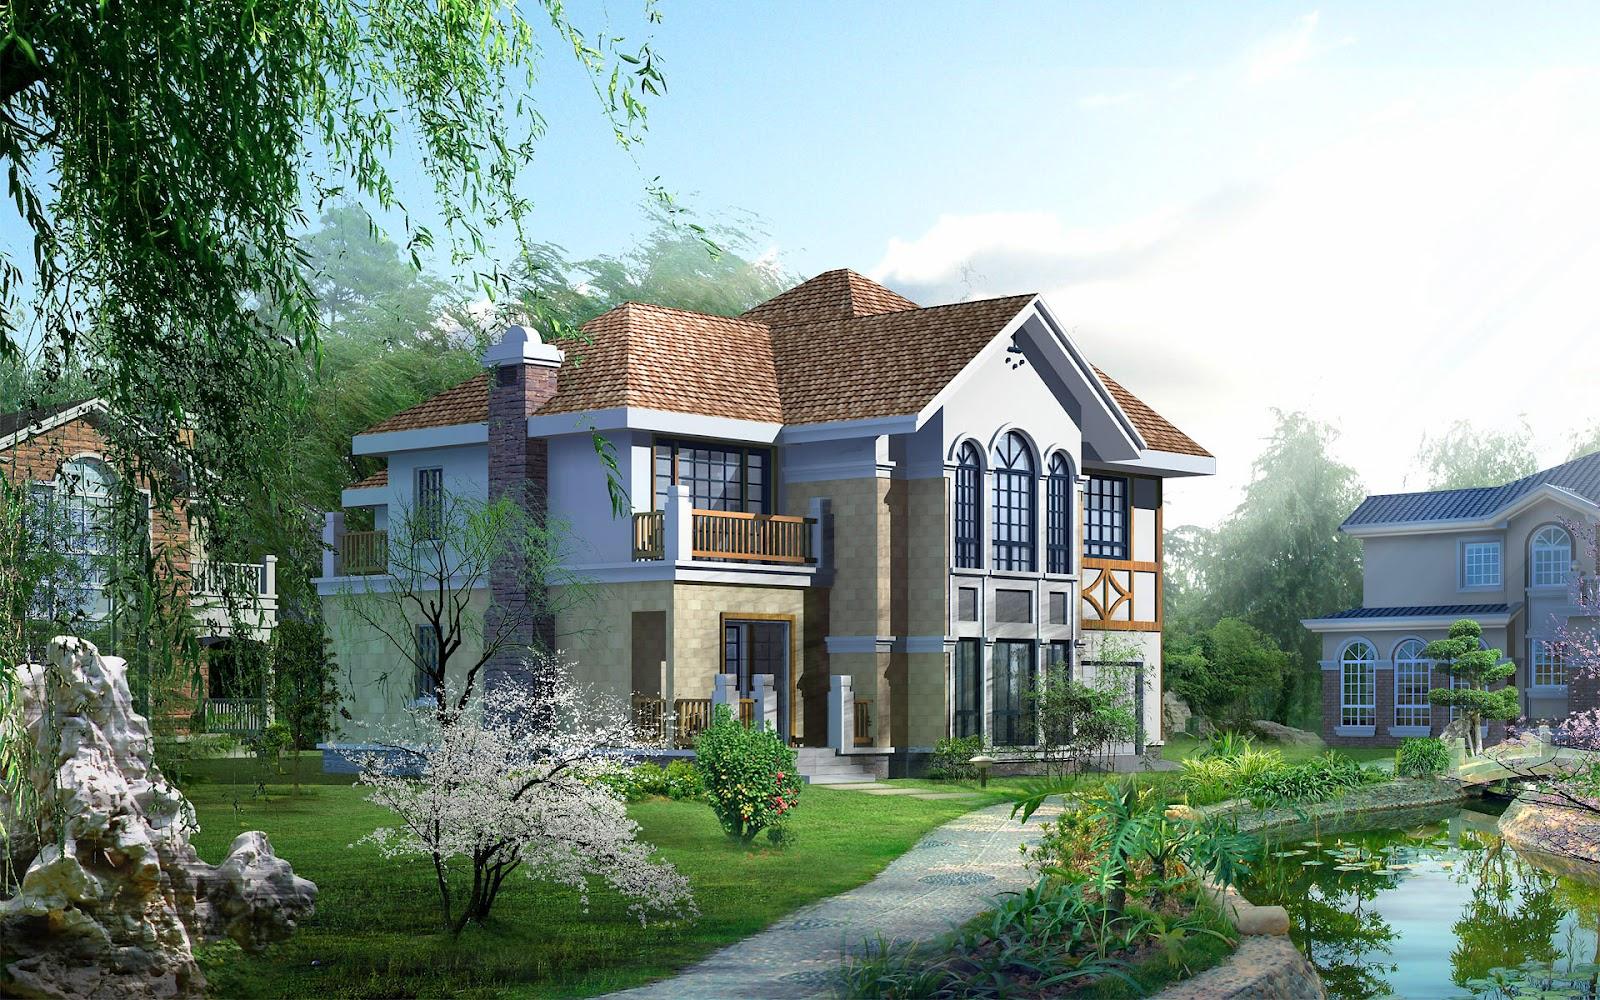 Beautiful Wallpaper For Home beautiful homes wallpaper - wallpapersafari